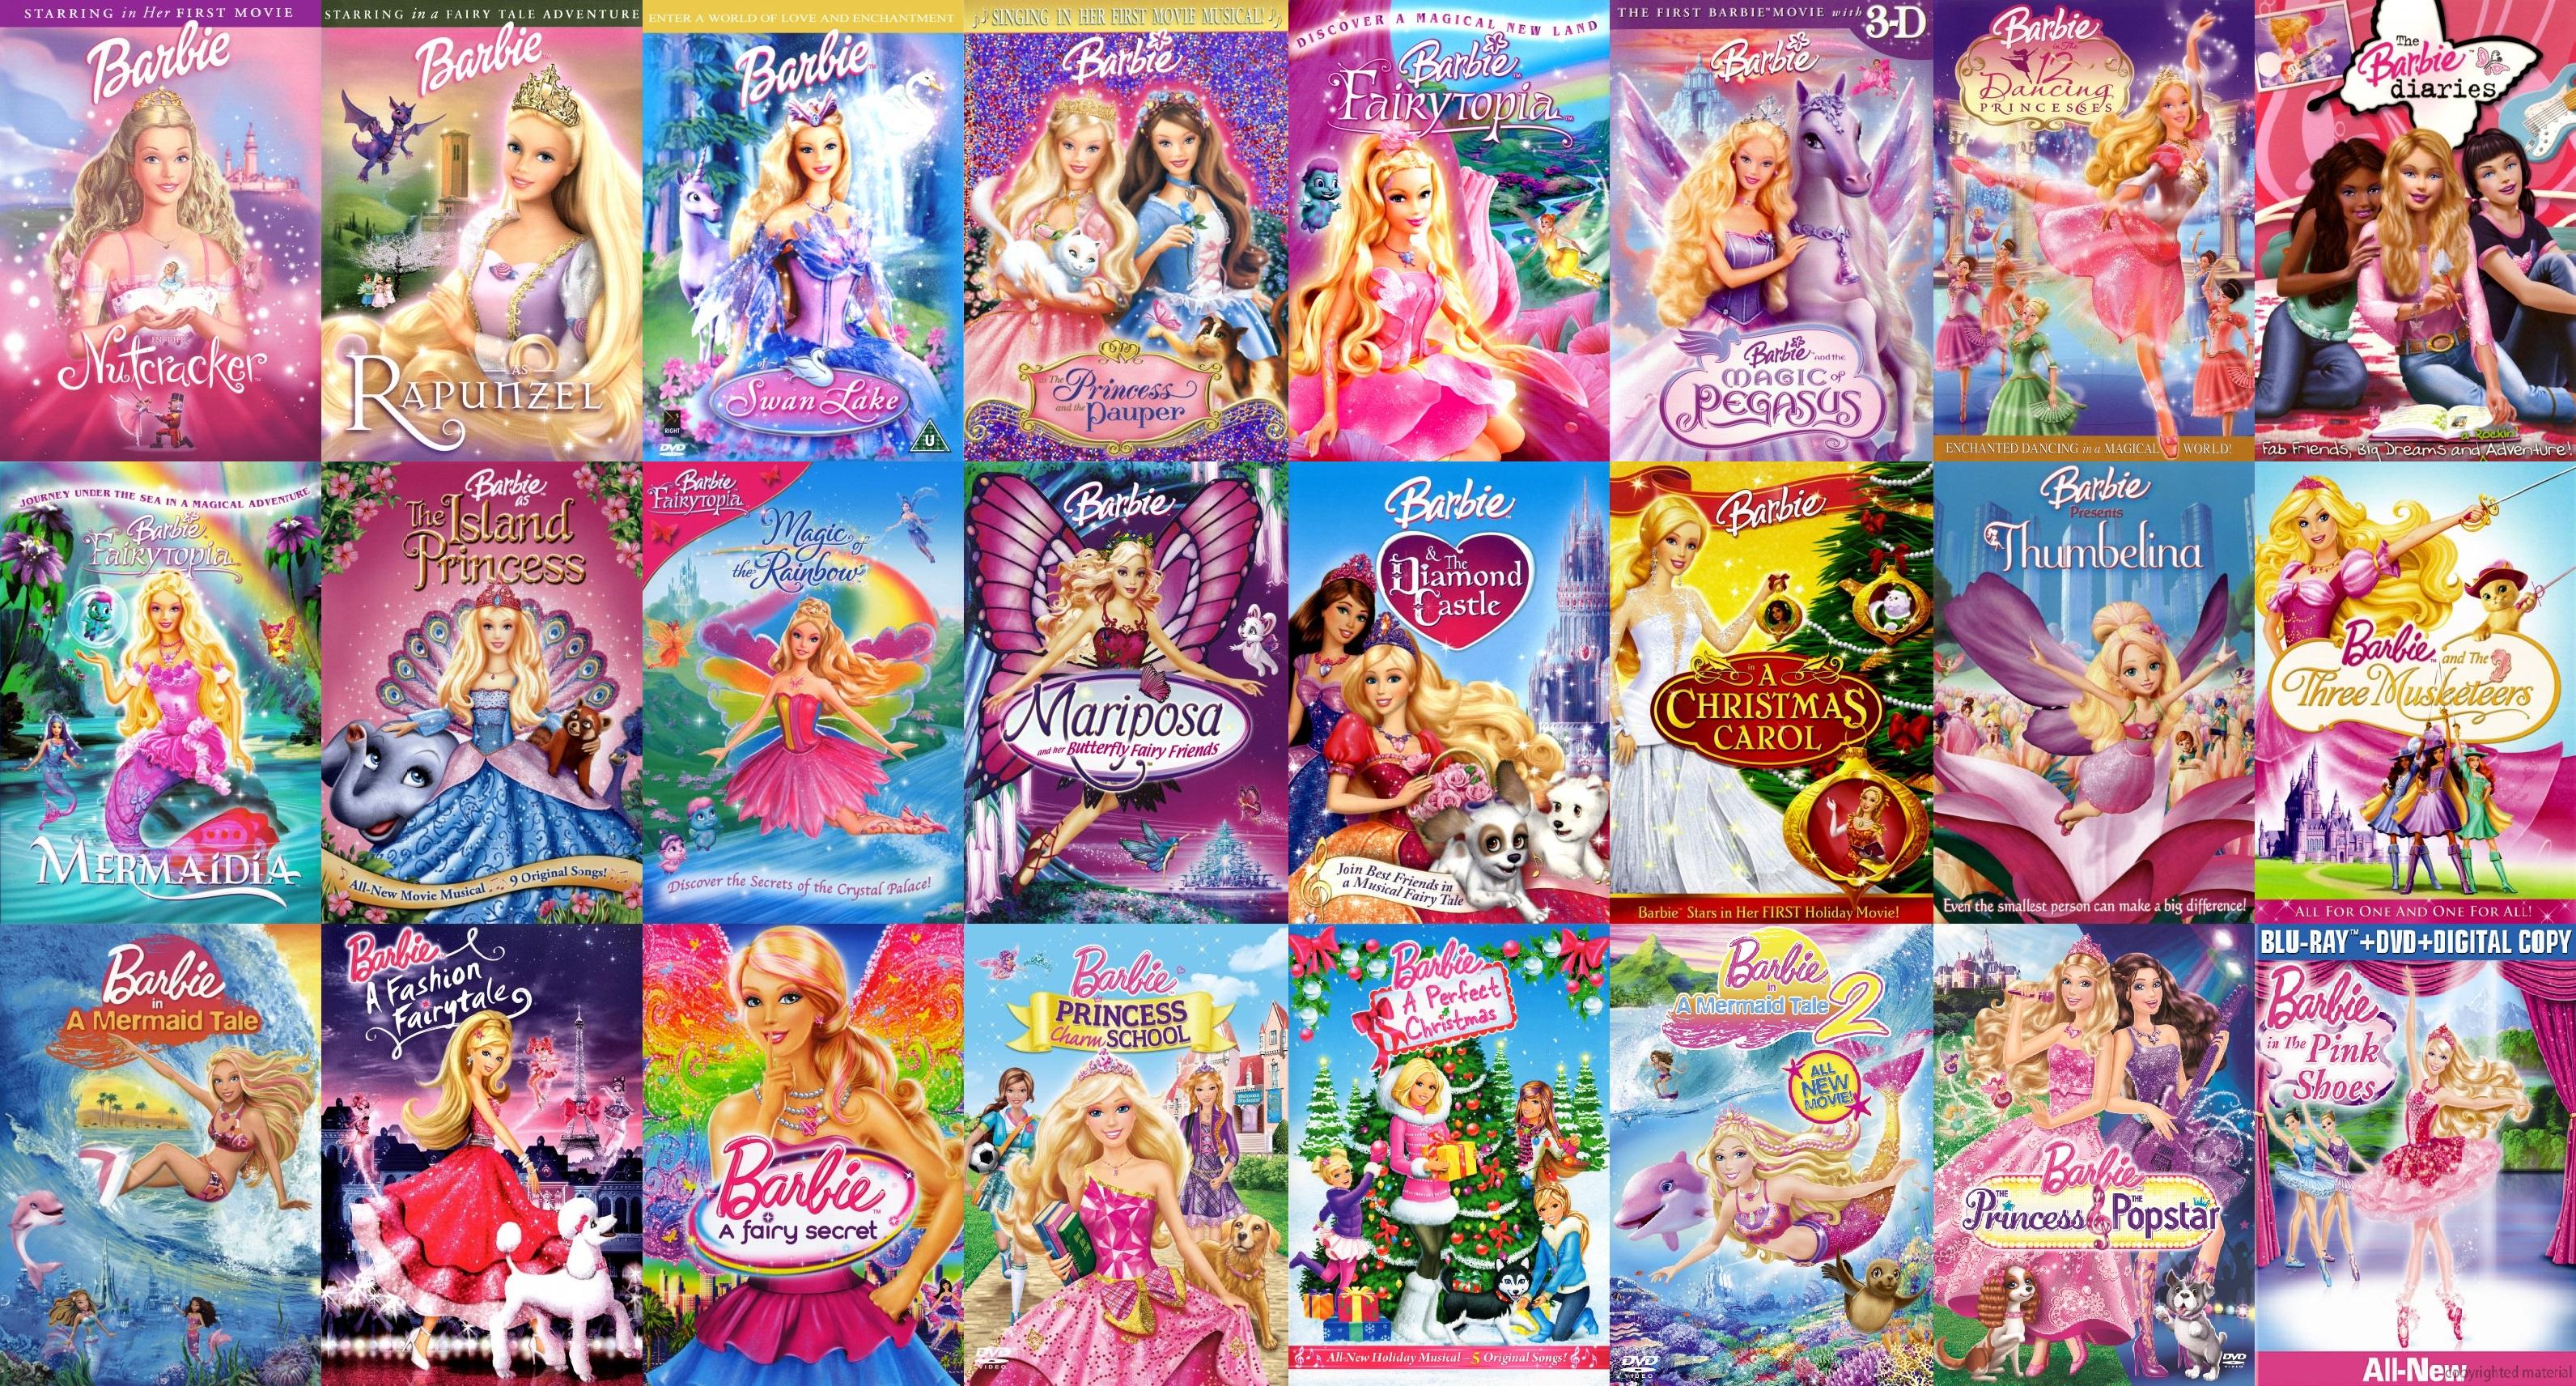 барби мультфильмы принцесса и поп-звезда смотреть